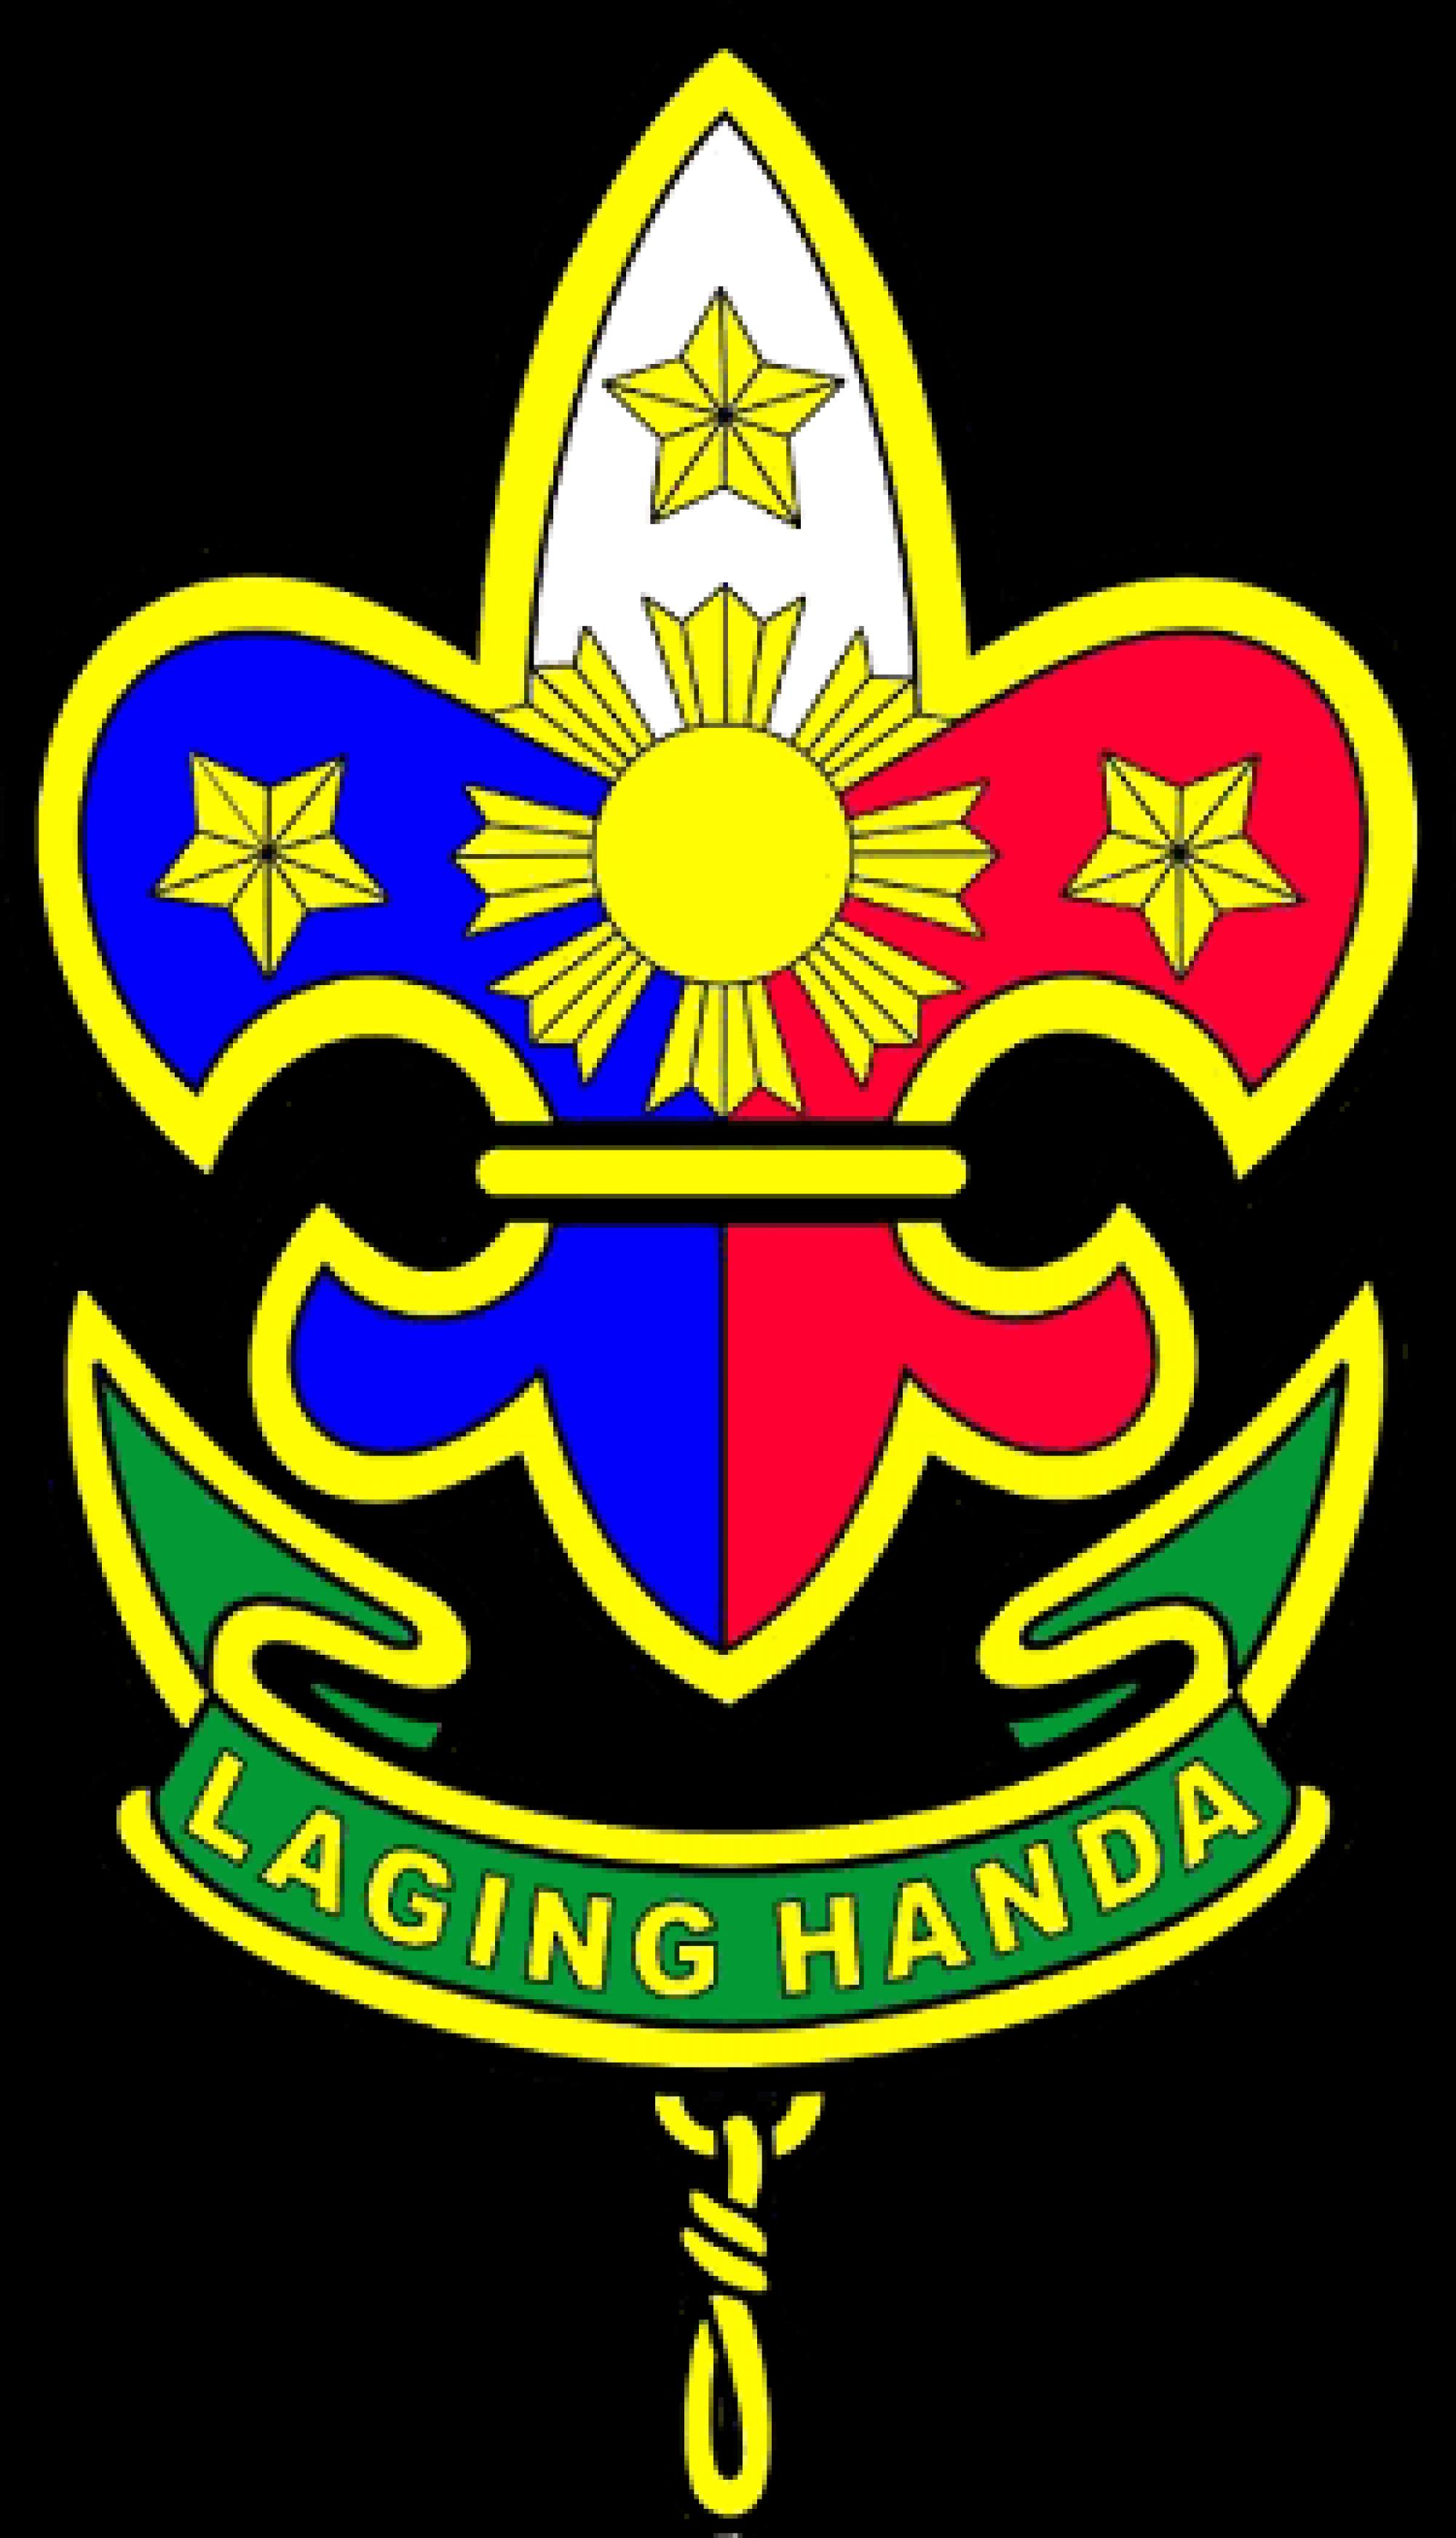 Free Boy Scout Logo Png, Download Free Clip Art, Free Clip.